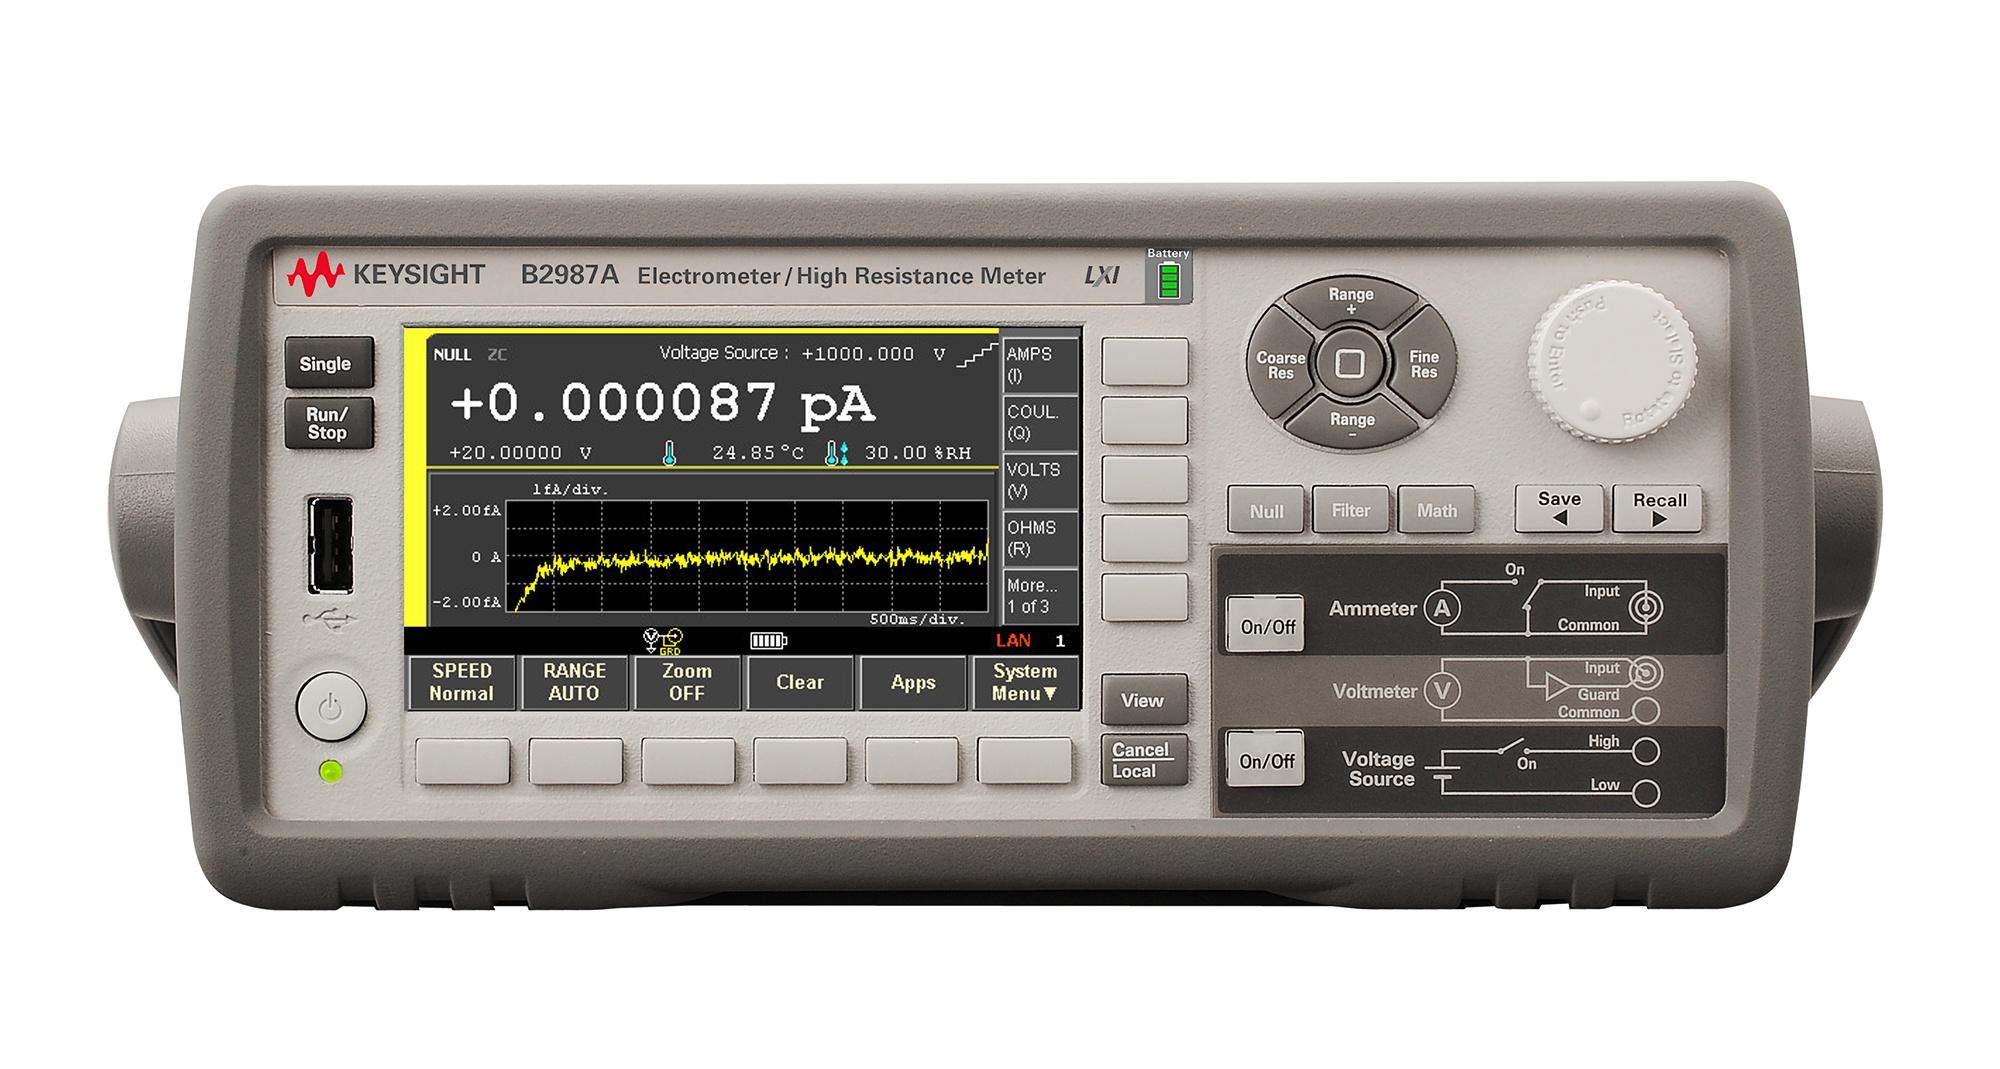 B2987A Elektrometre/Yüksek Direnç Metre, 0.01fA, Bataryalı